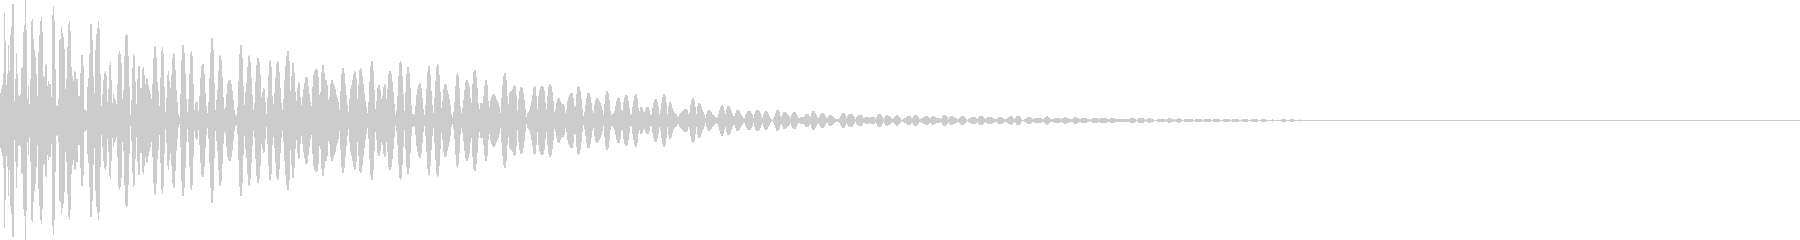 ドン(太鼓)の未再生の波形